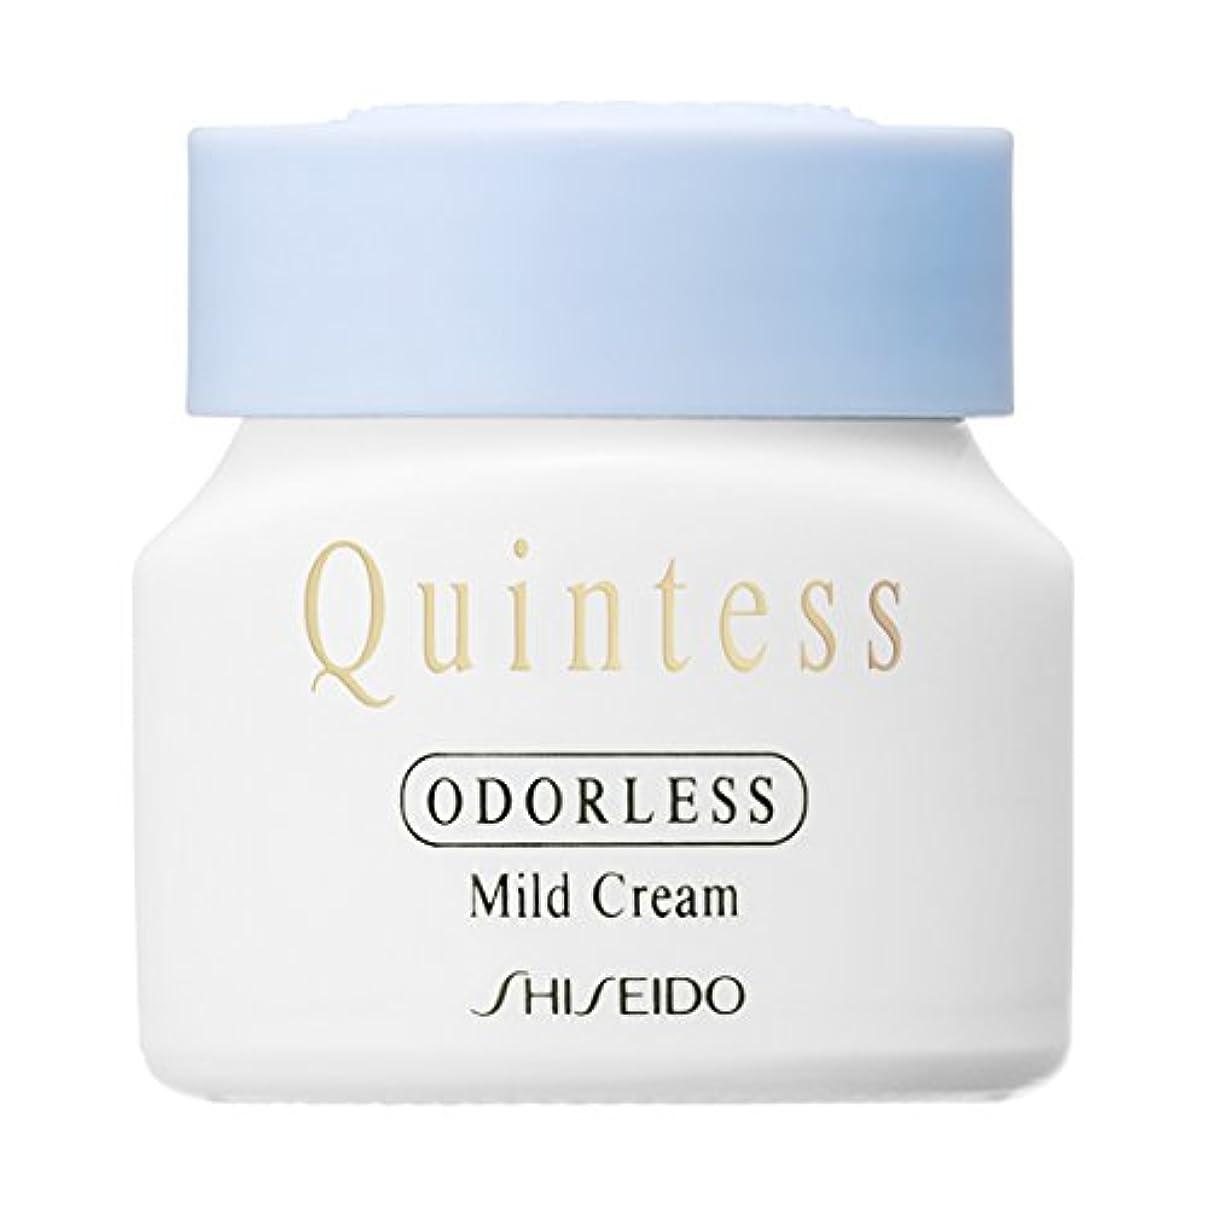 朝の体操をする保証王族クインテス オーダレス マイルドクリーム 30g